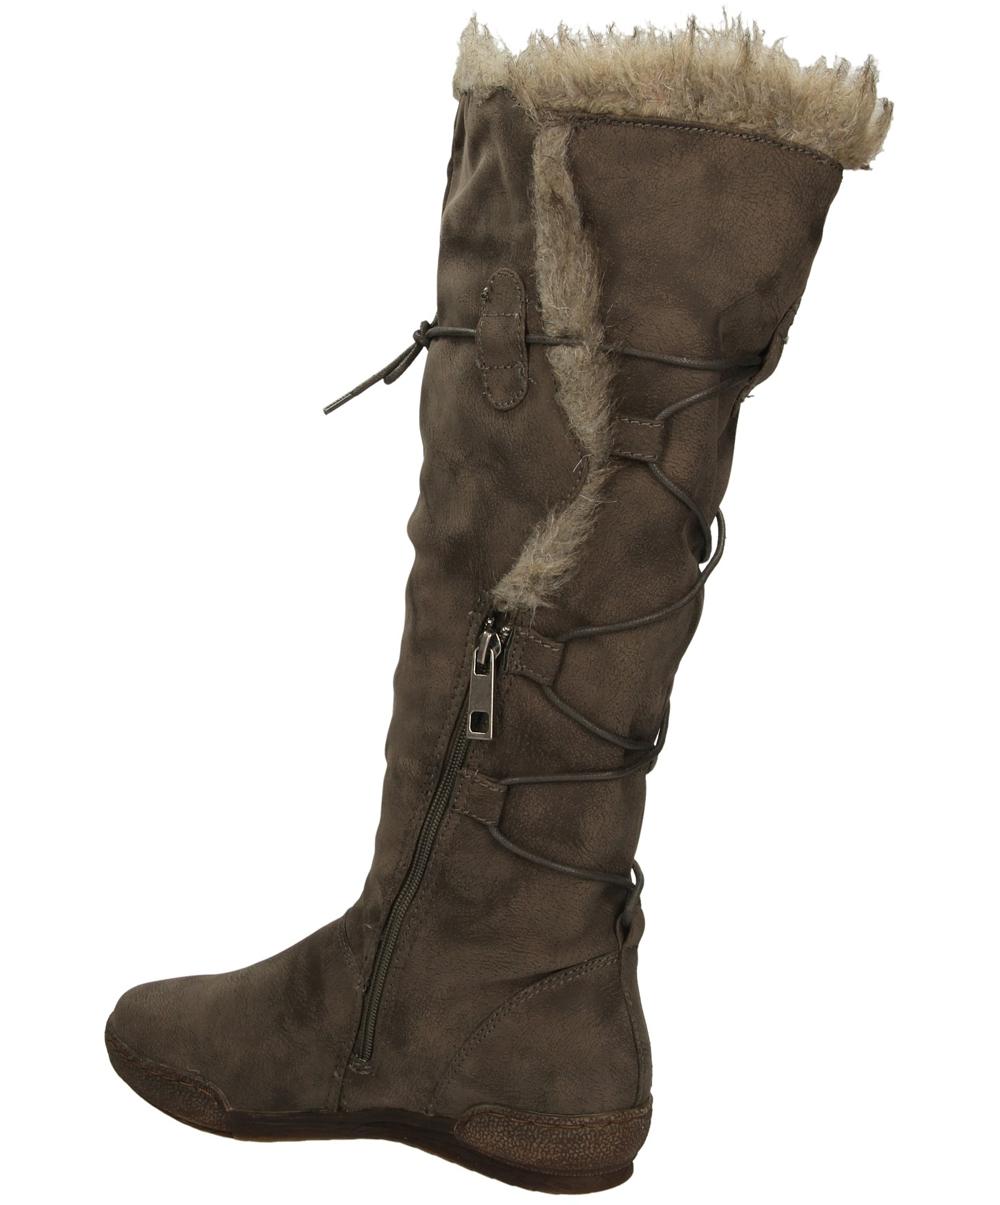 ŚNIEGOWCE S.BARSKI SB1033 style Z kożuszkiem